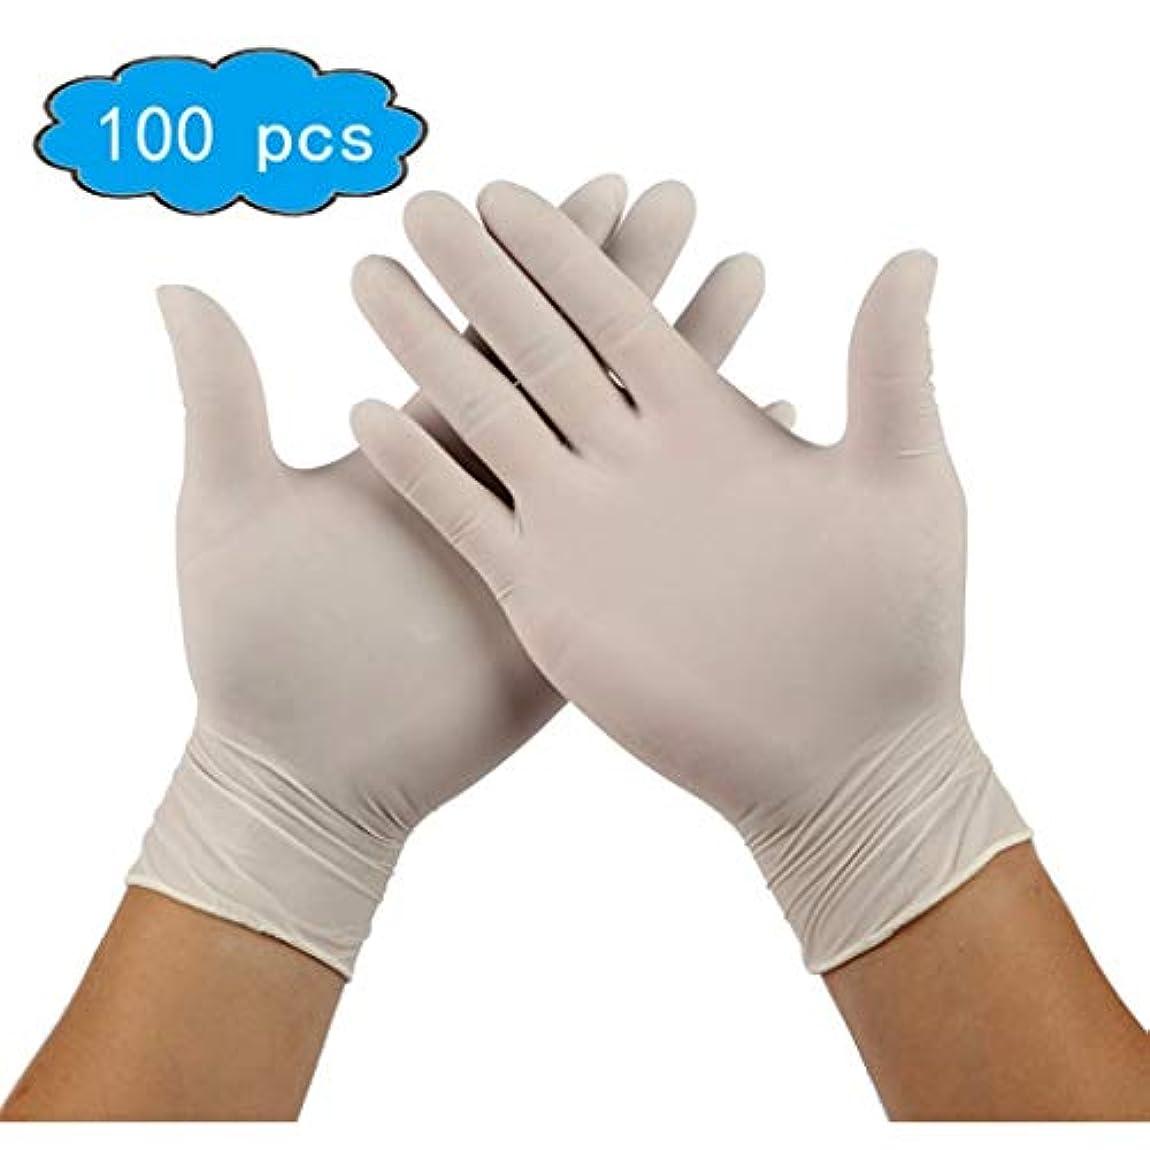 ゆるい付属品未満100 XS-XLサイズの使い捨てラテックス手袋、パウダーフリー、スムースタッチ、食品サービスグレード、使い捨て手袋食品 (Color : White, Size : L)